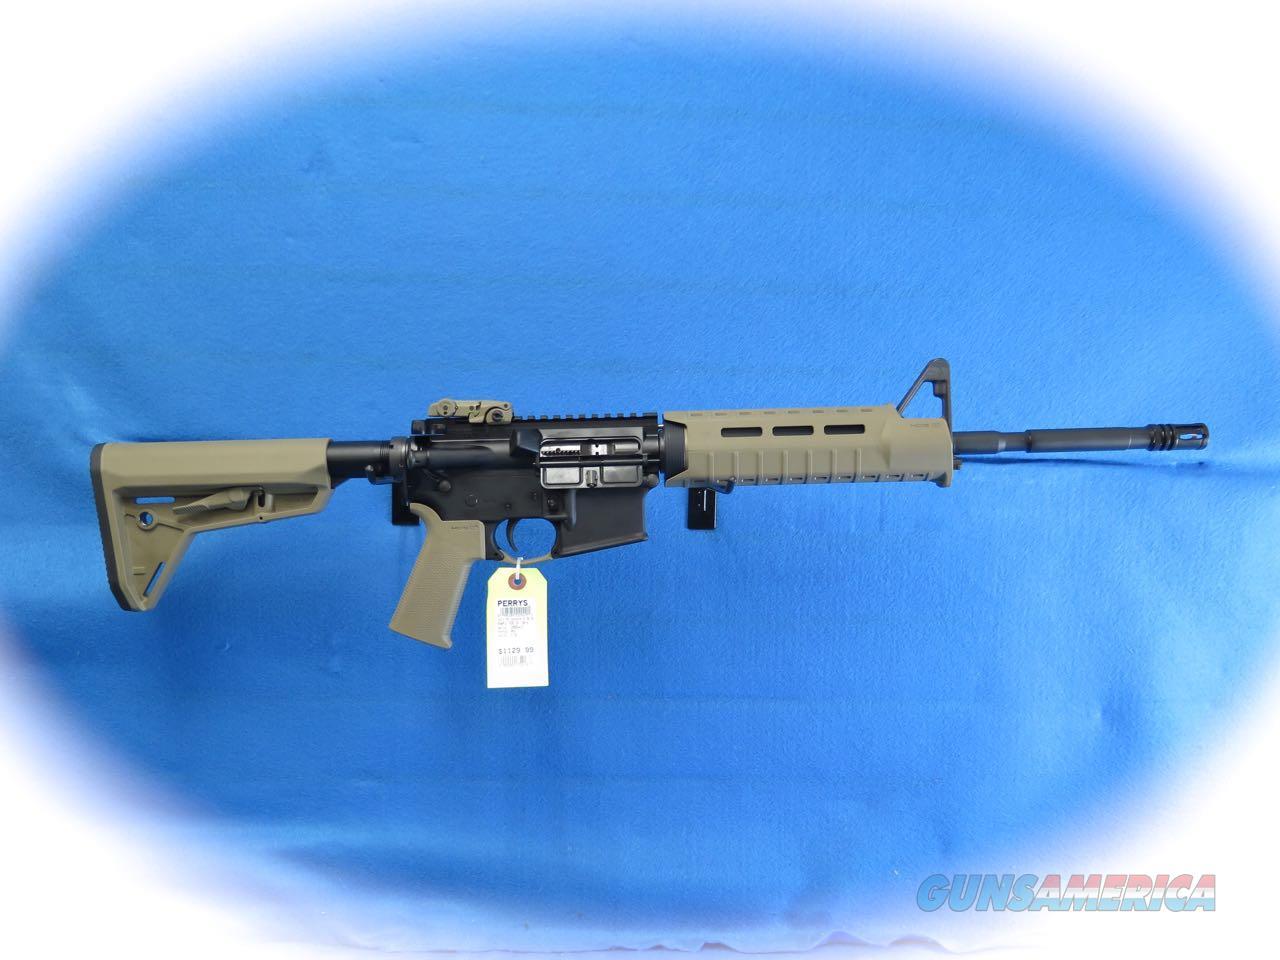 Colt M4 Carbine Magpul SL FDE 5.56mm Cal Model LE6920MPS-FDE **New**  Guns > Rifles > Colt Military/Tactical Rifles